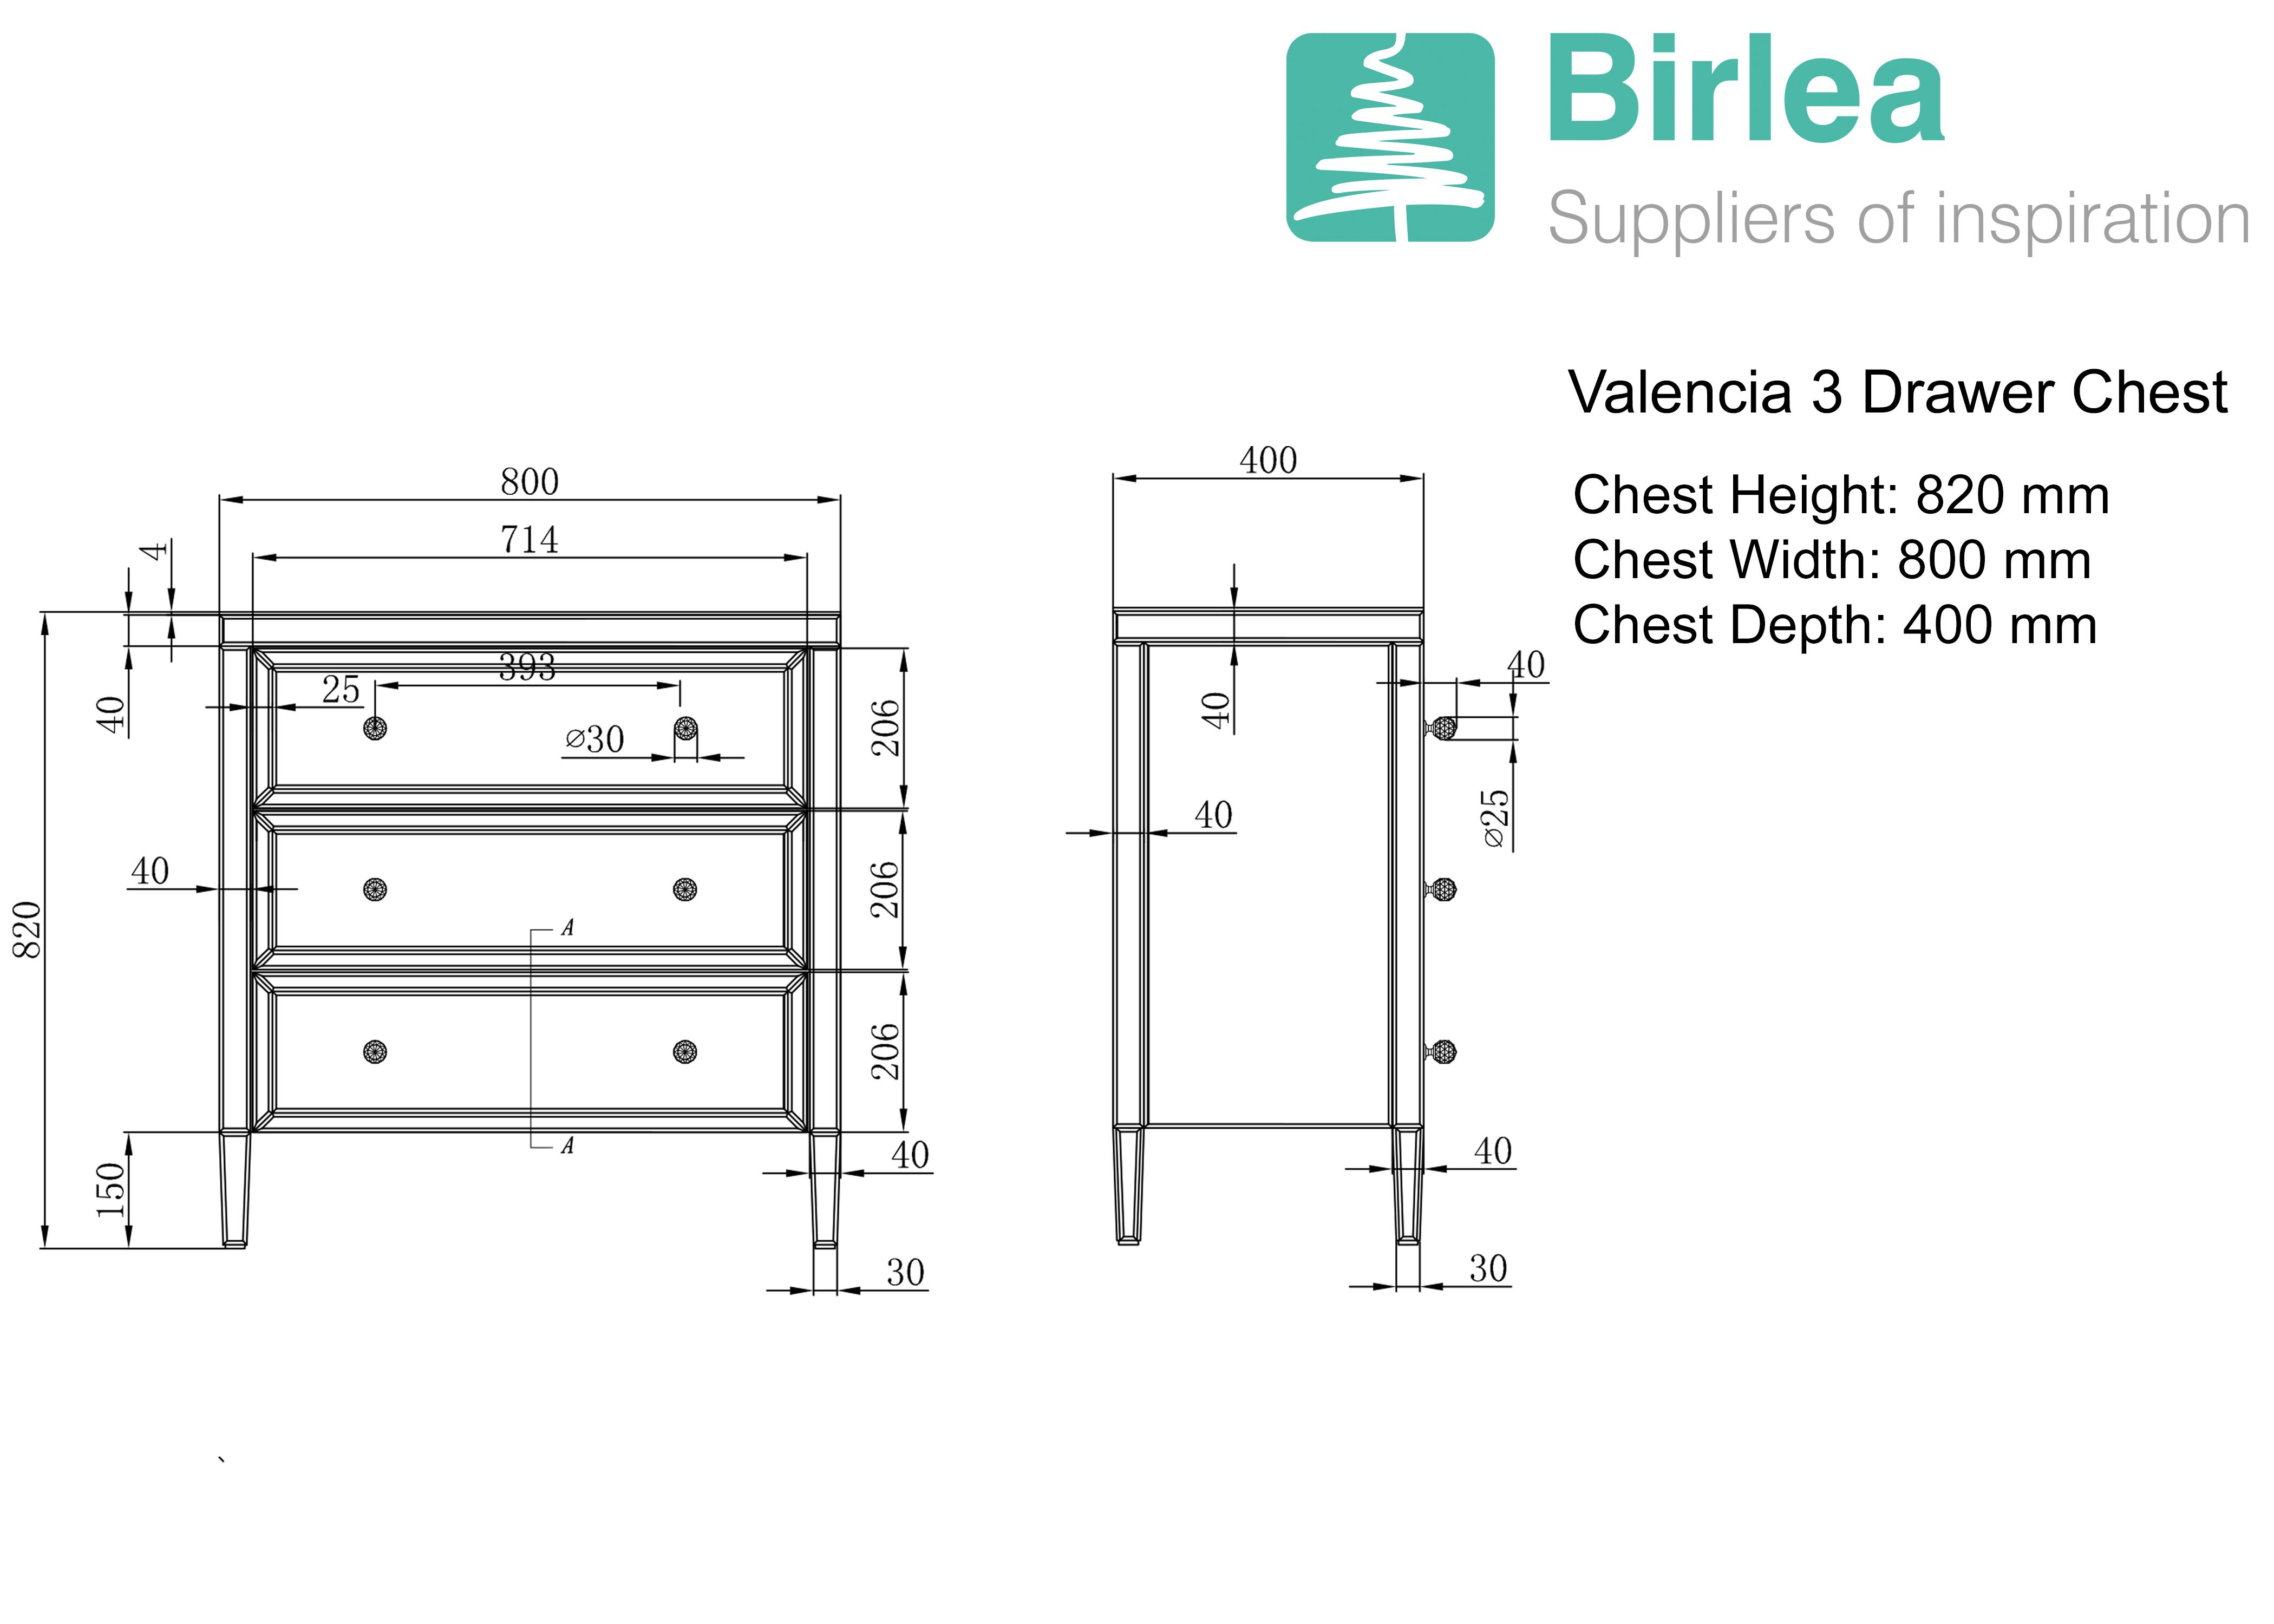 Birlea Valencia 3 Drawer Chest